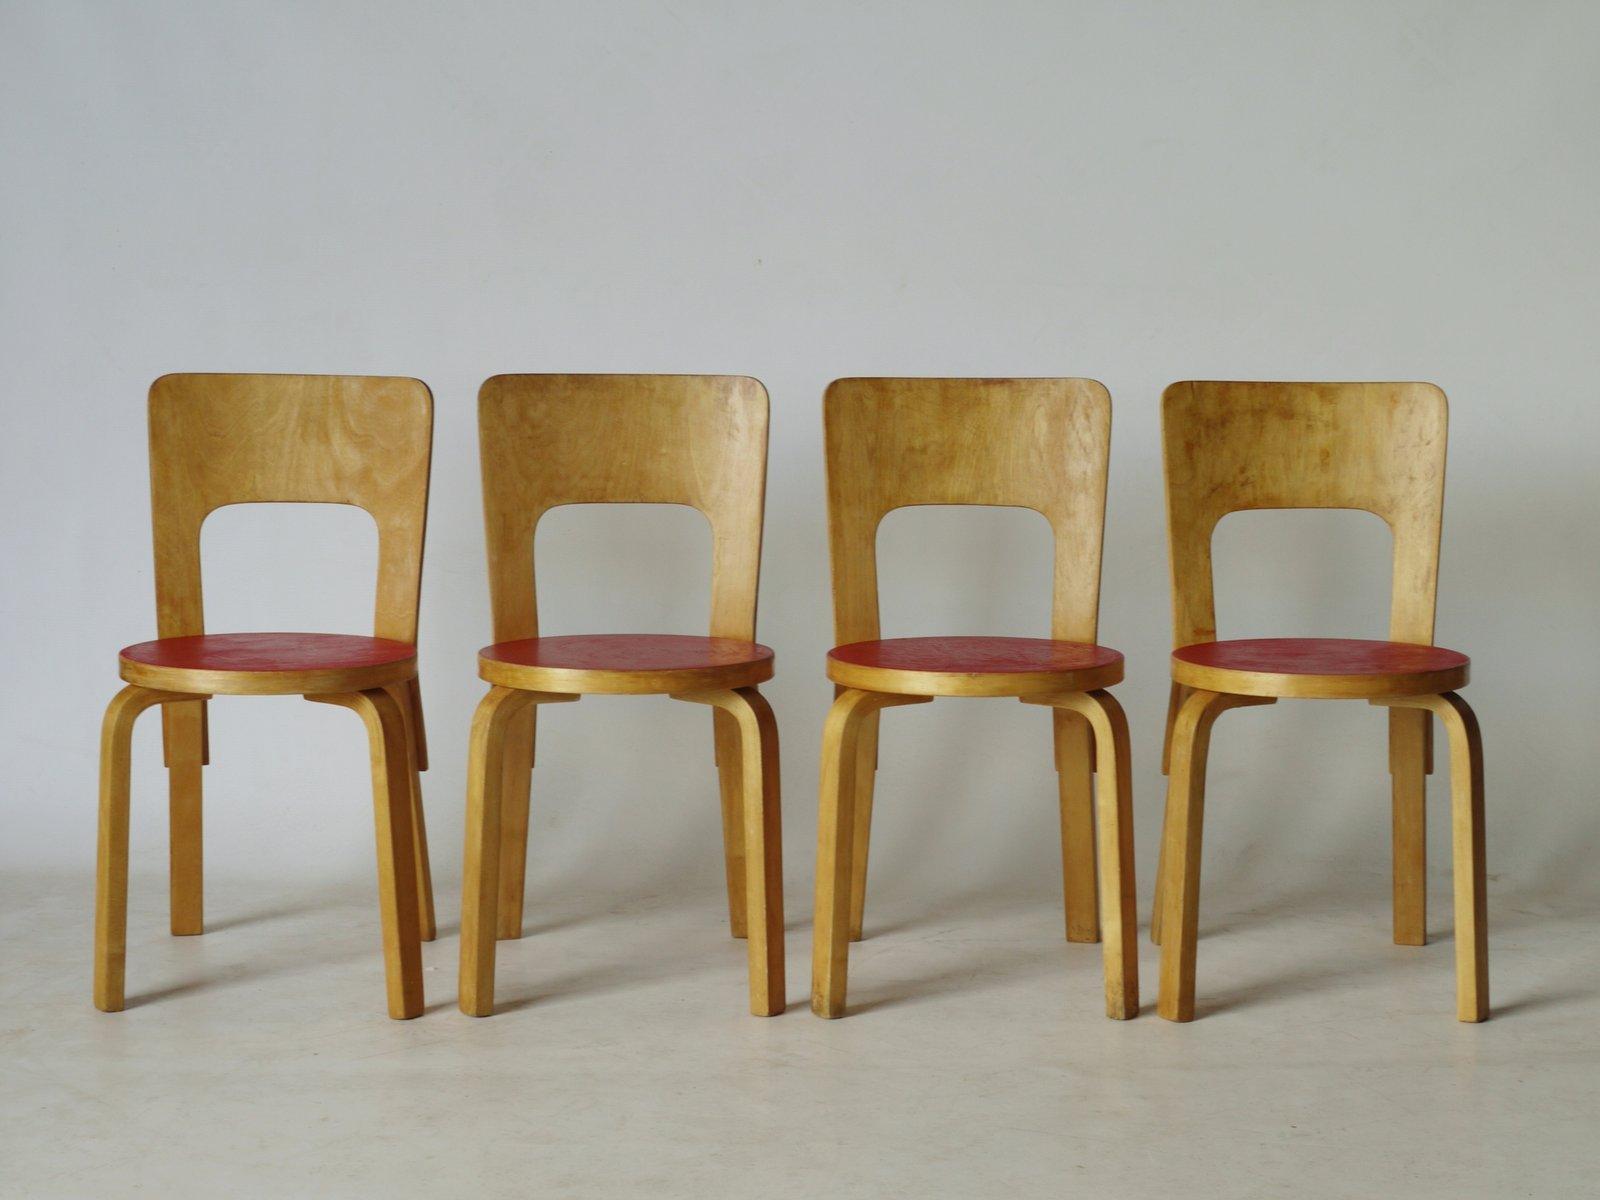 chaises de salon mod le 66 par alvar aalto 1940s set de 4 en vente sur pamono. Black Bedroom Furniture Sets. Home Design Ideas